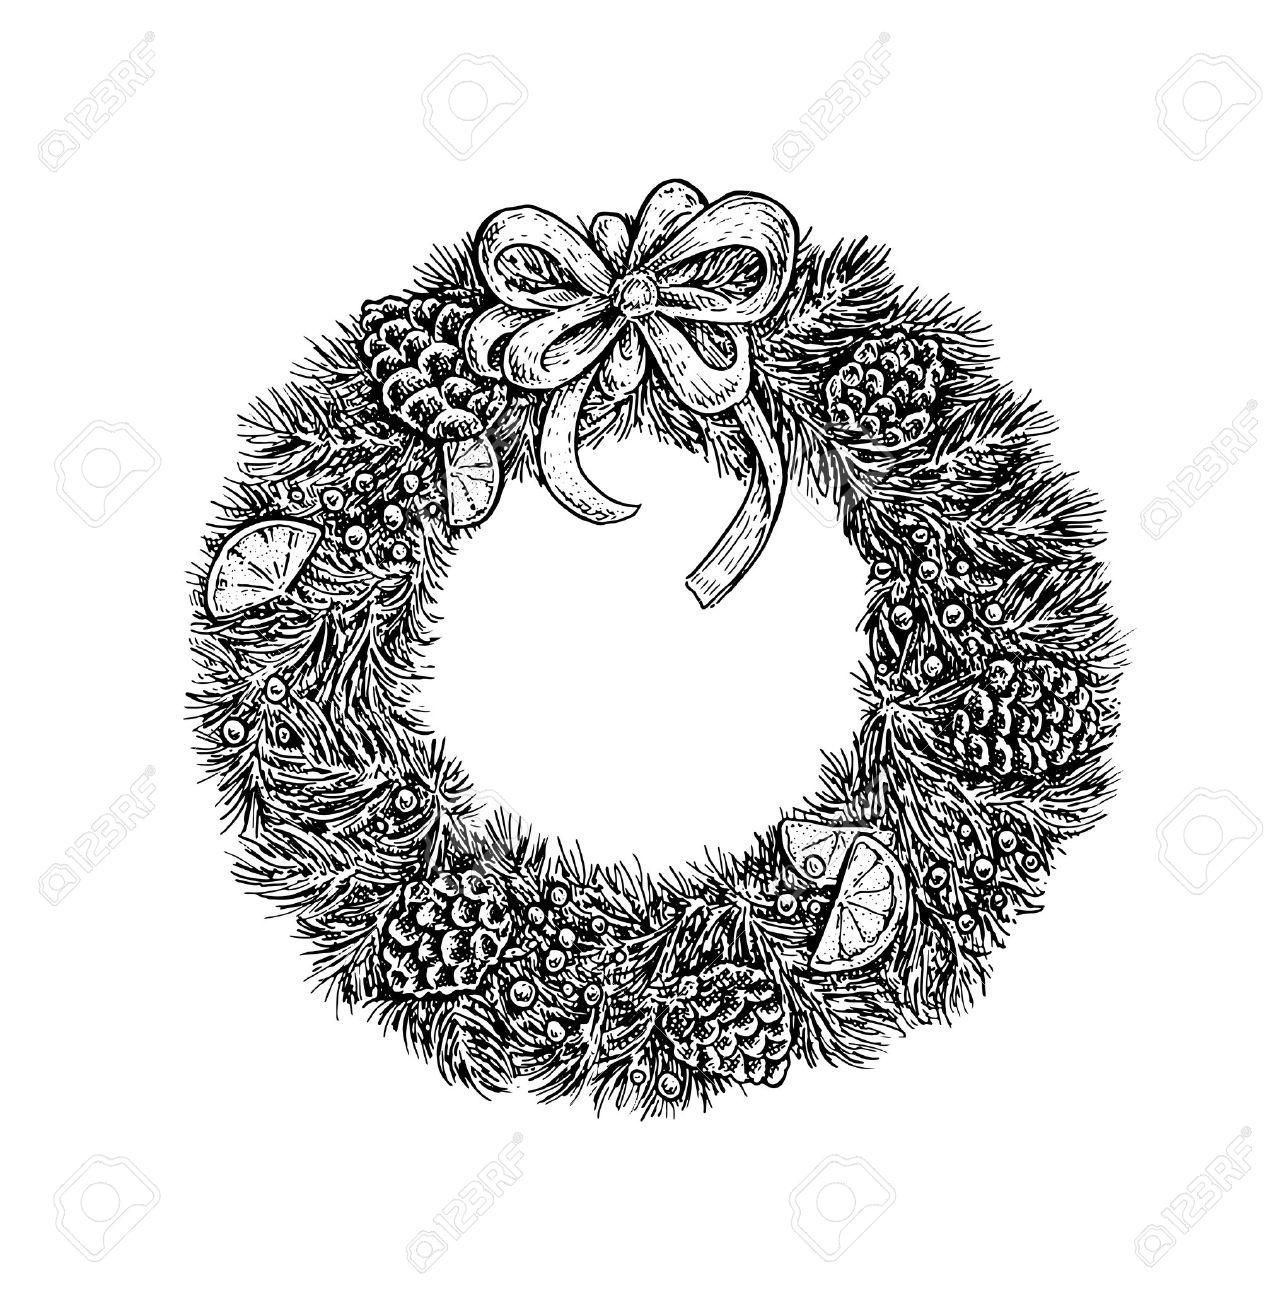 Blanco Y Negro Ilustración De La Vendimia Estilo Incompleto De Una Corona De Navidad Diseño Del Vector Ilustraciones Vectoriales Clip Art Vectorizado Libre De Derechos Image 51122975